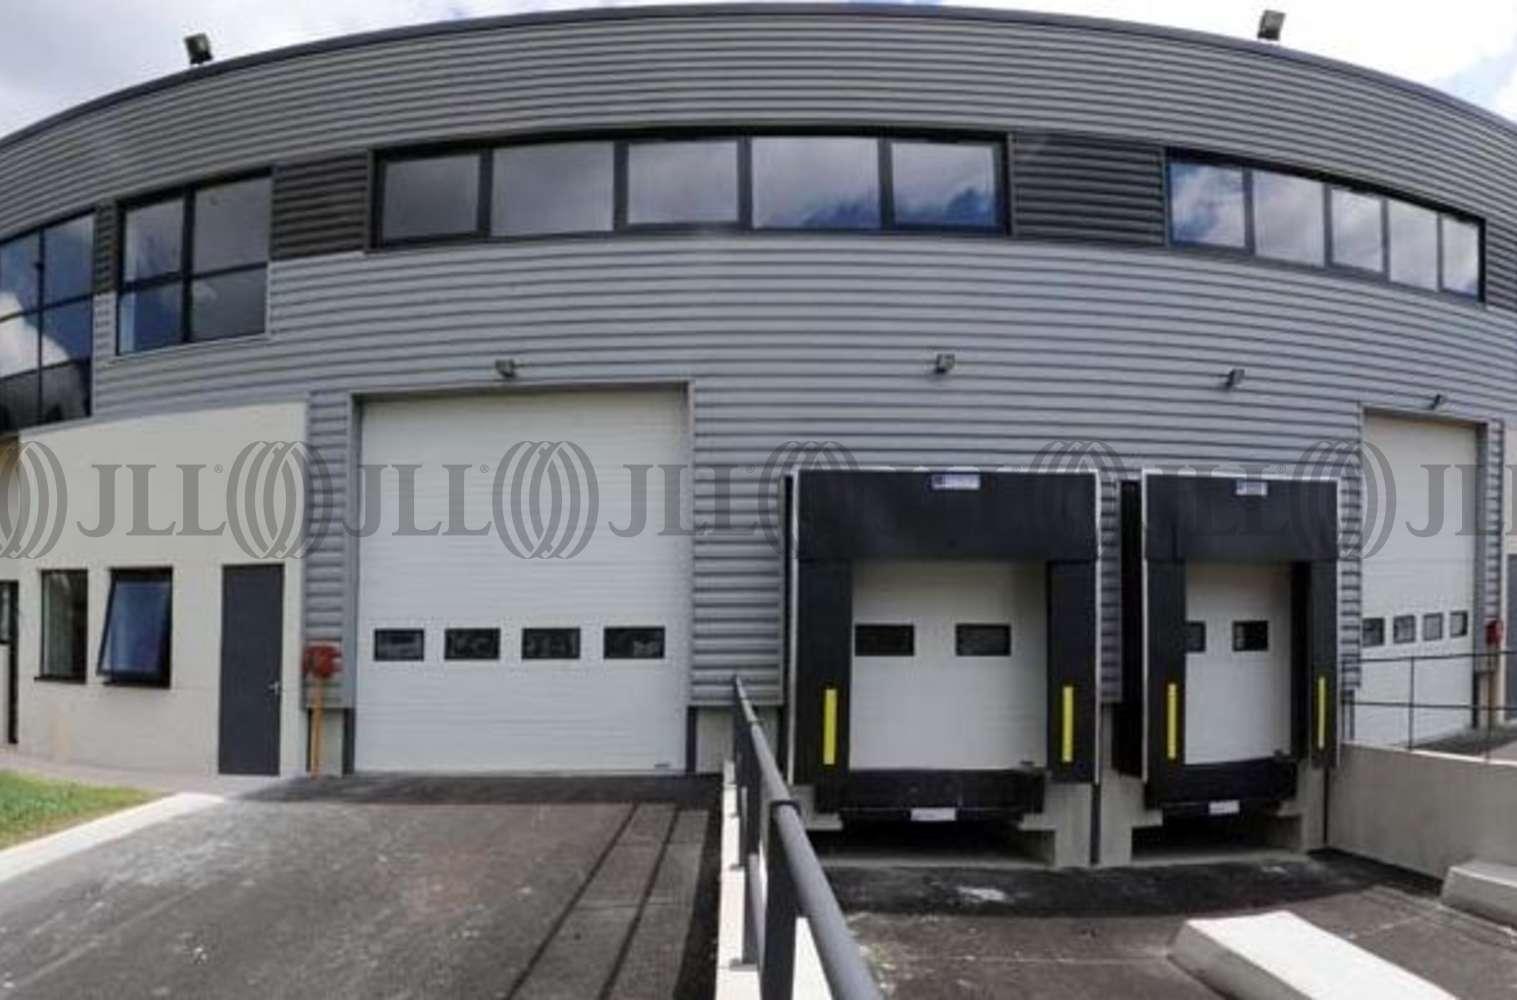 Activités/entrepôt La courneuve, 93120 - PARC JEAN MERMOZ - 9462675